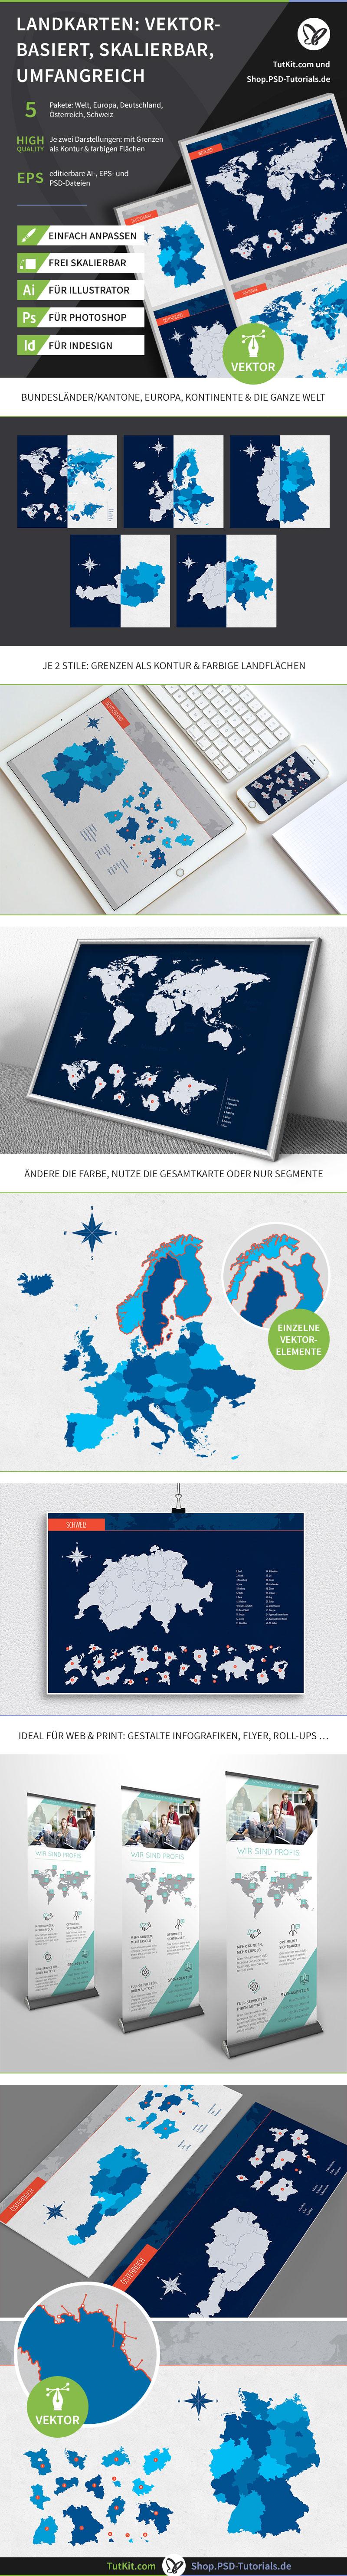 Das Paket enthält Landkarten von Europa, Deutschland, Schweiz, Österreich und der Welt